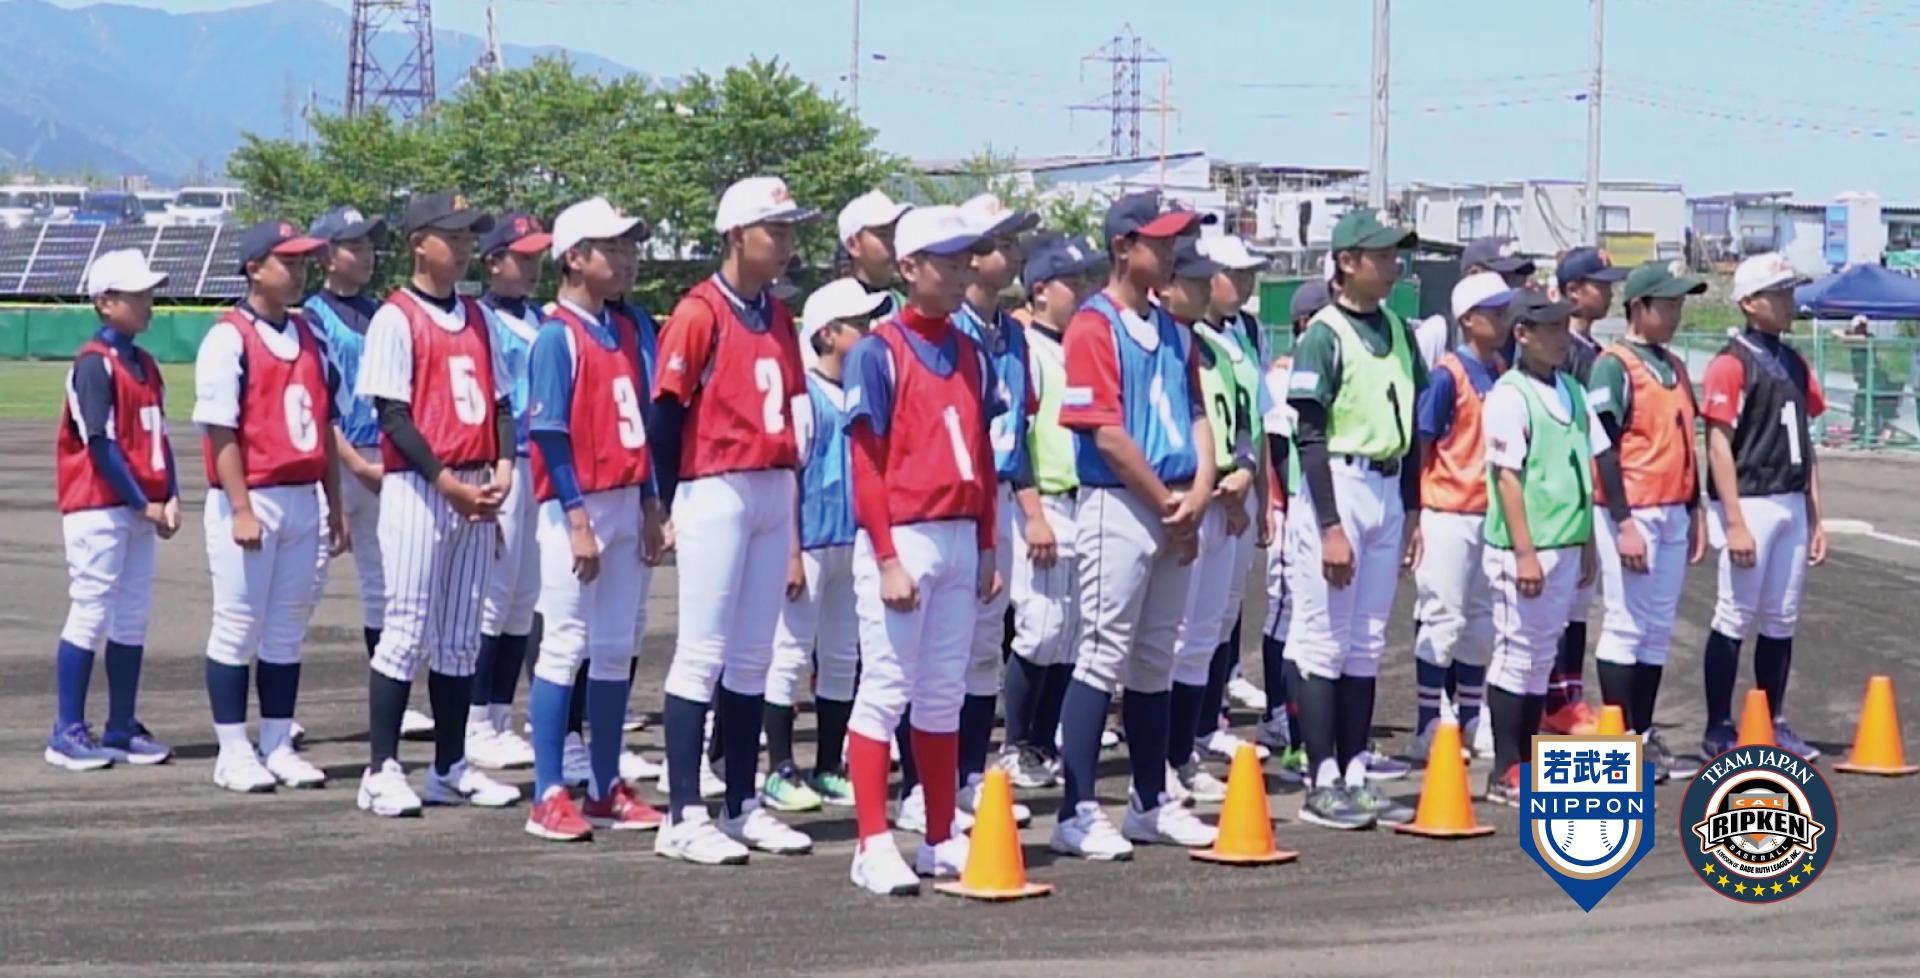 全国の凄腕野球小僧が若武者NIPPONに集う!トライアウトの様子をお届けのサムネイル